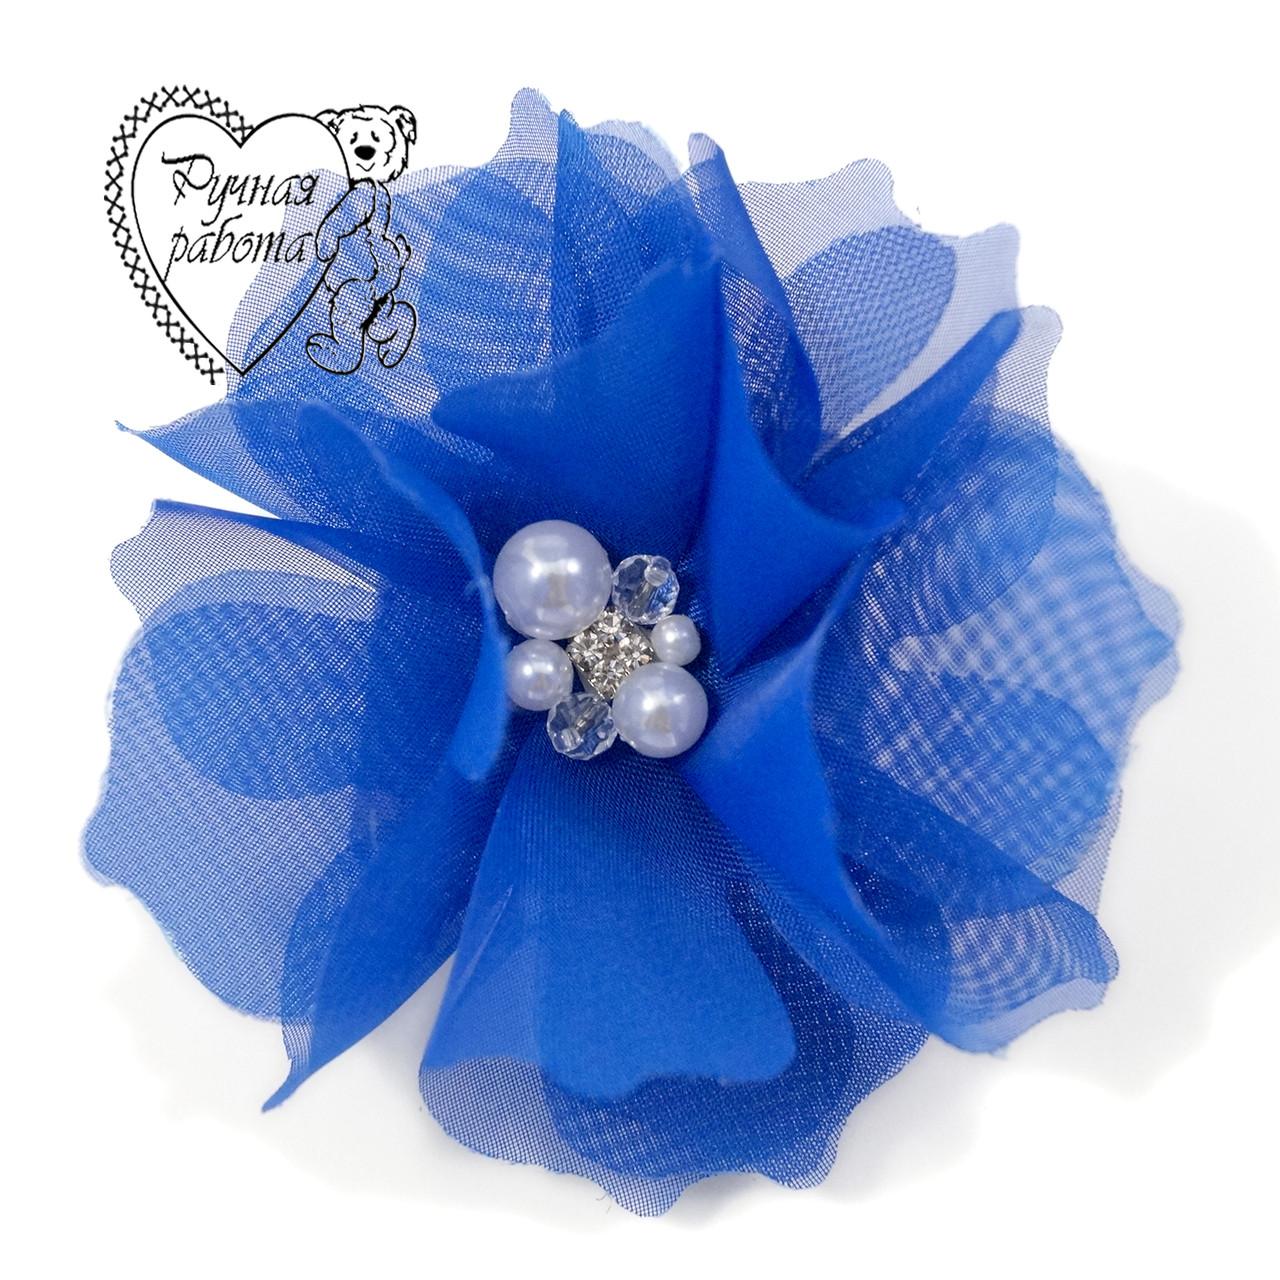 Гумка Шифоновий квітка з намистинами, синій електрик, ручна робота, 10 см, під замовлення будь-який колір